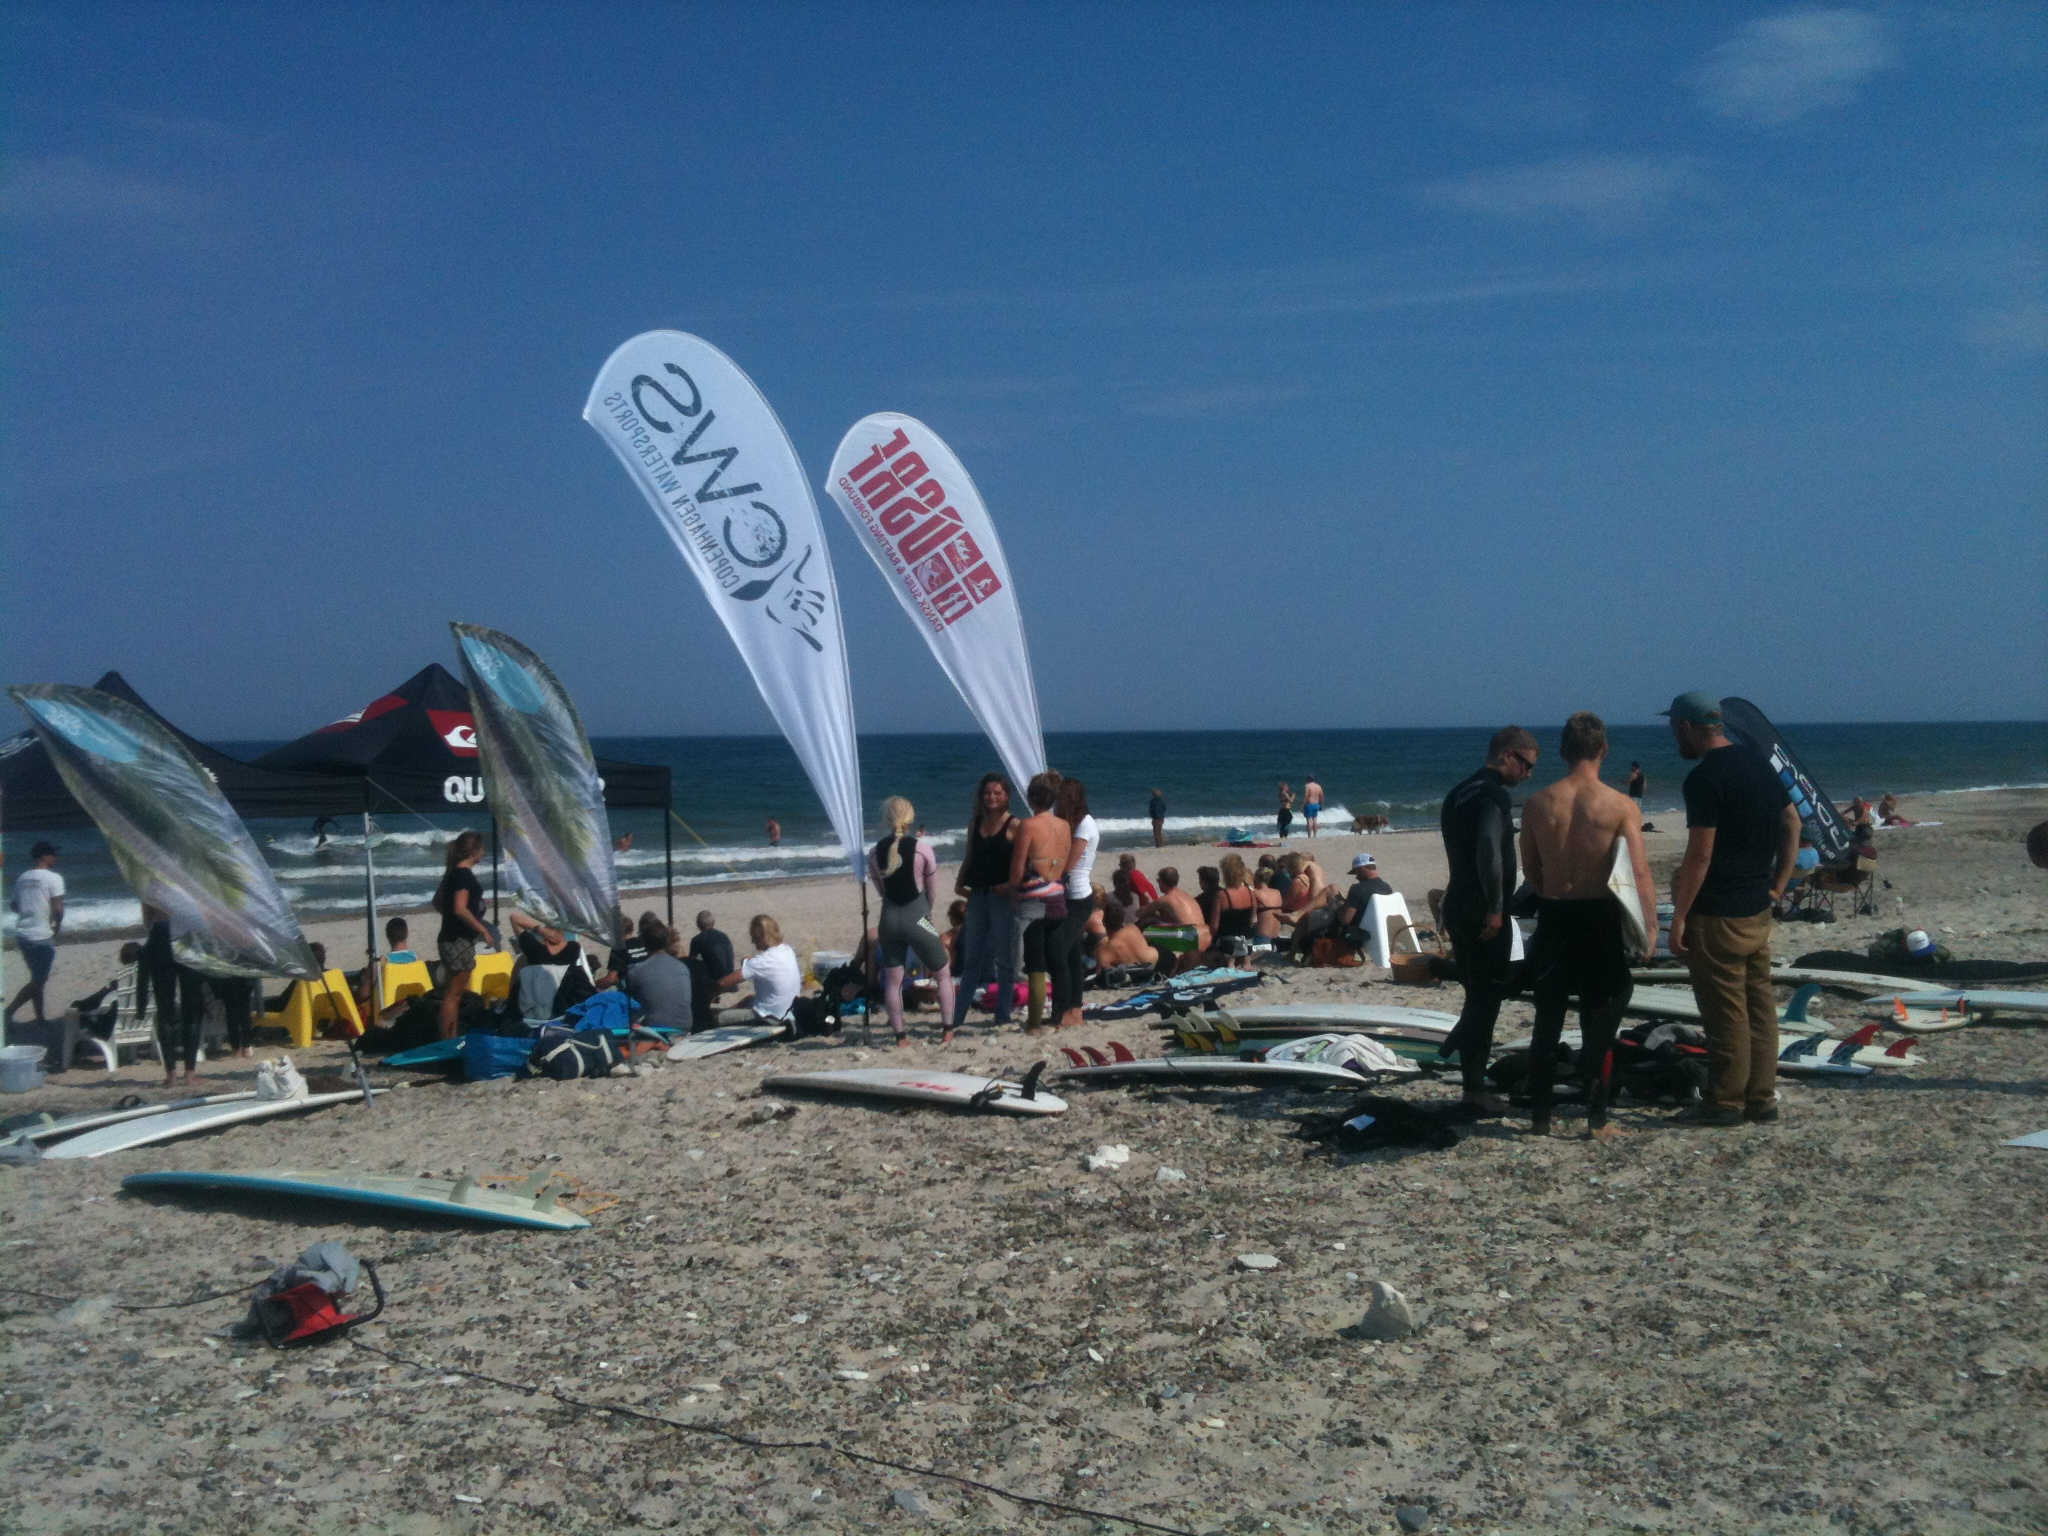 Der var tæt på over 20 deltagere i konkurrencen og mange tilskuere. Foto: Nick Sturm